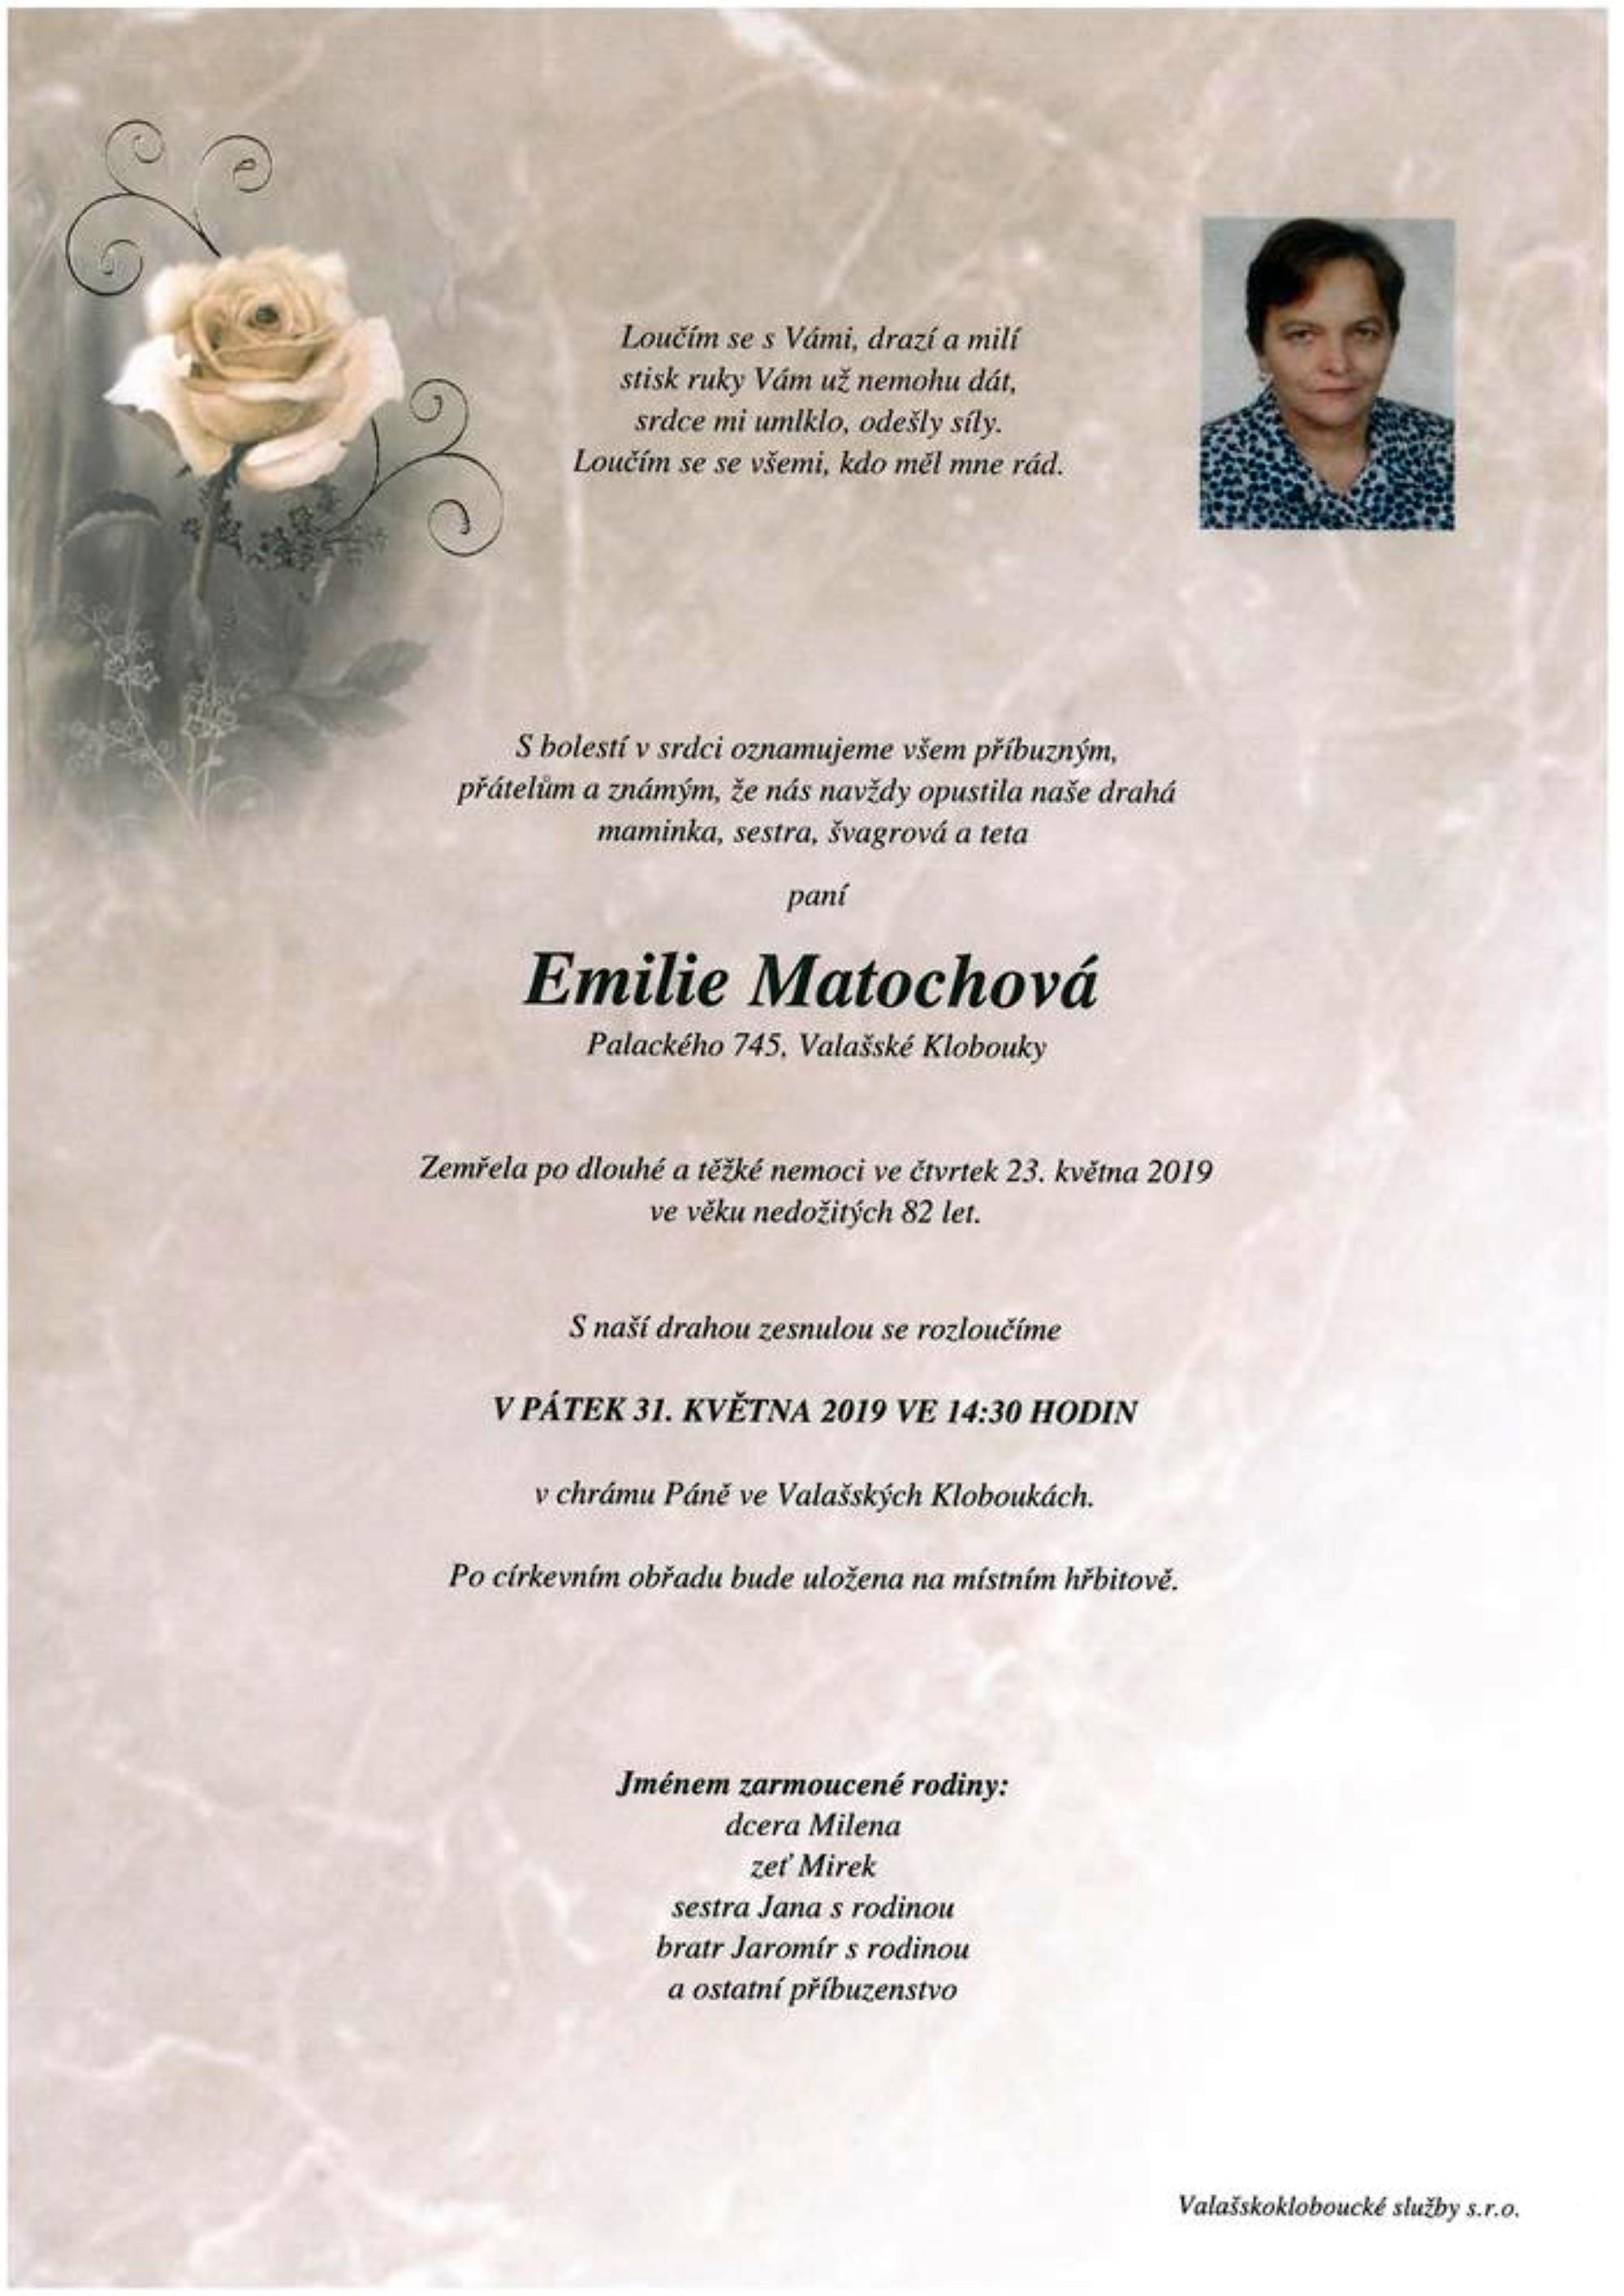 Emilie Matochová